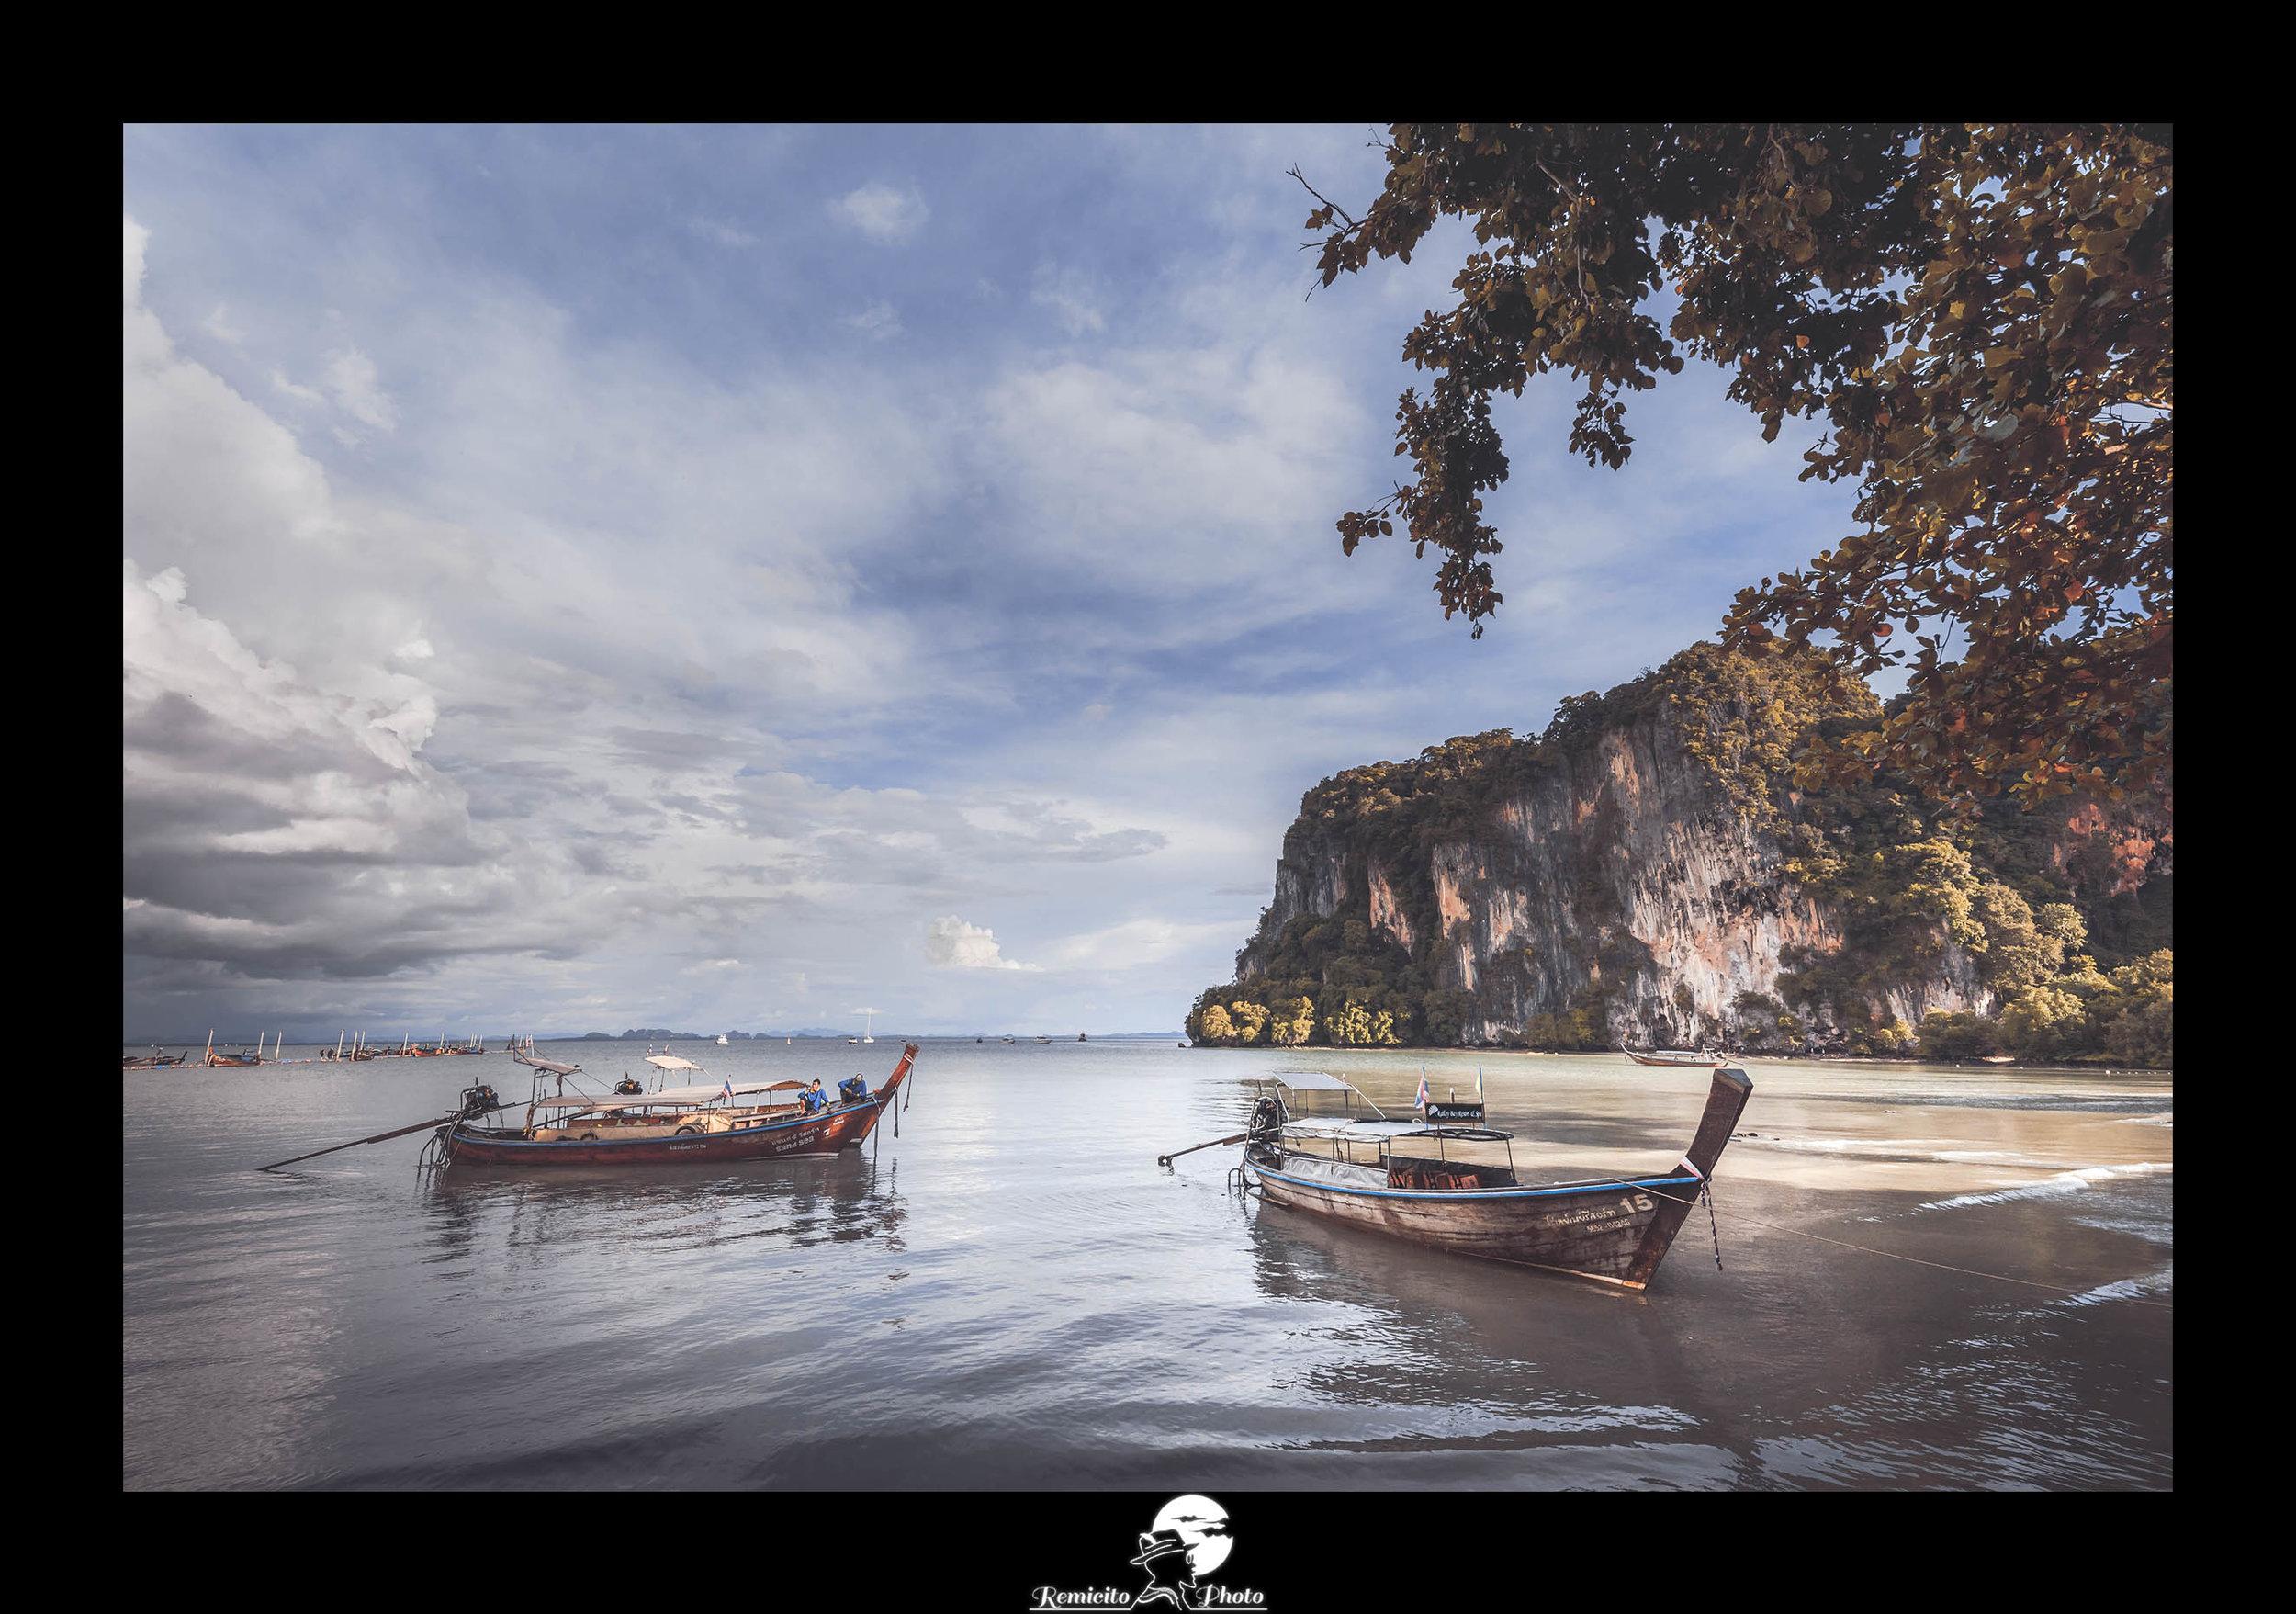 remicito photo, image du jour, photo du jour, photo of the day, barque thaïlande, railay beach thailand, belle photo, belle photo bateau, idée déco, idée cadeau